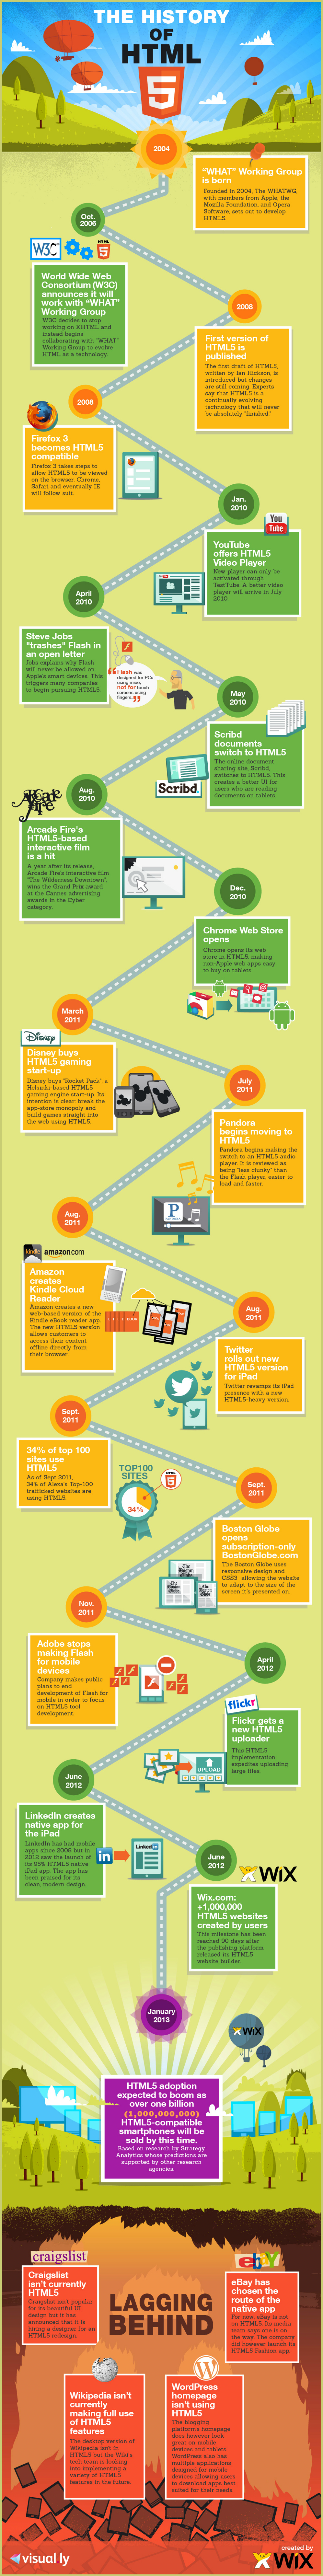 history of html 5